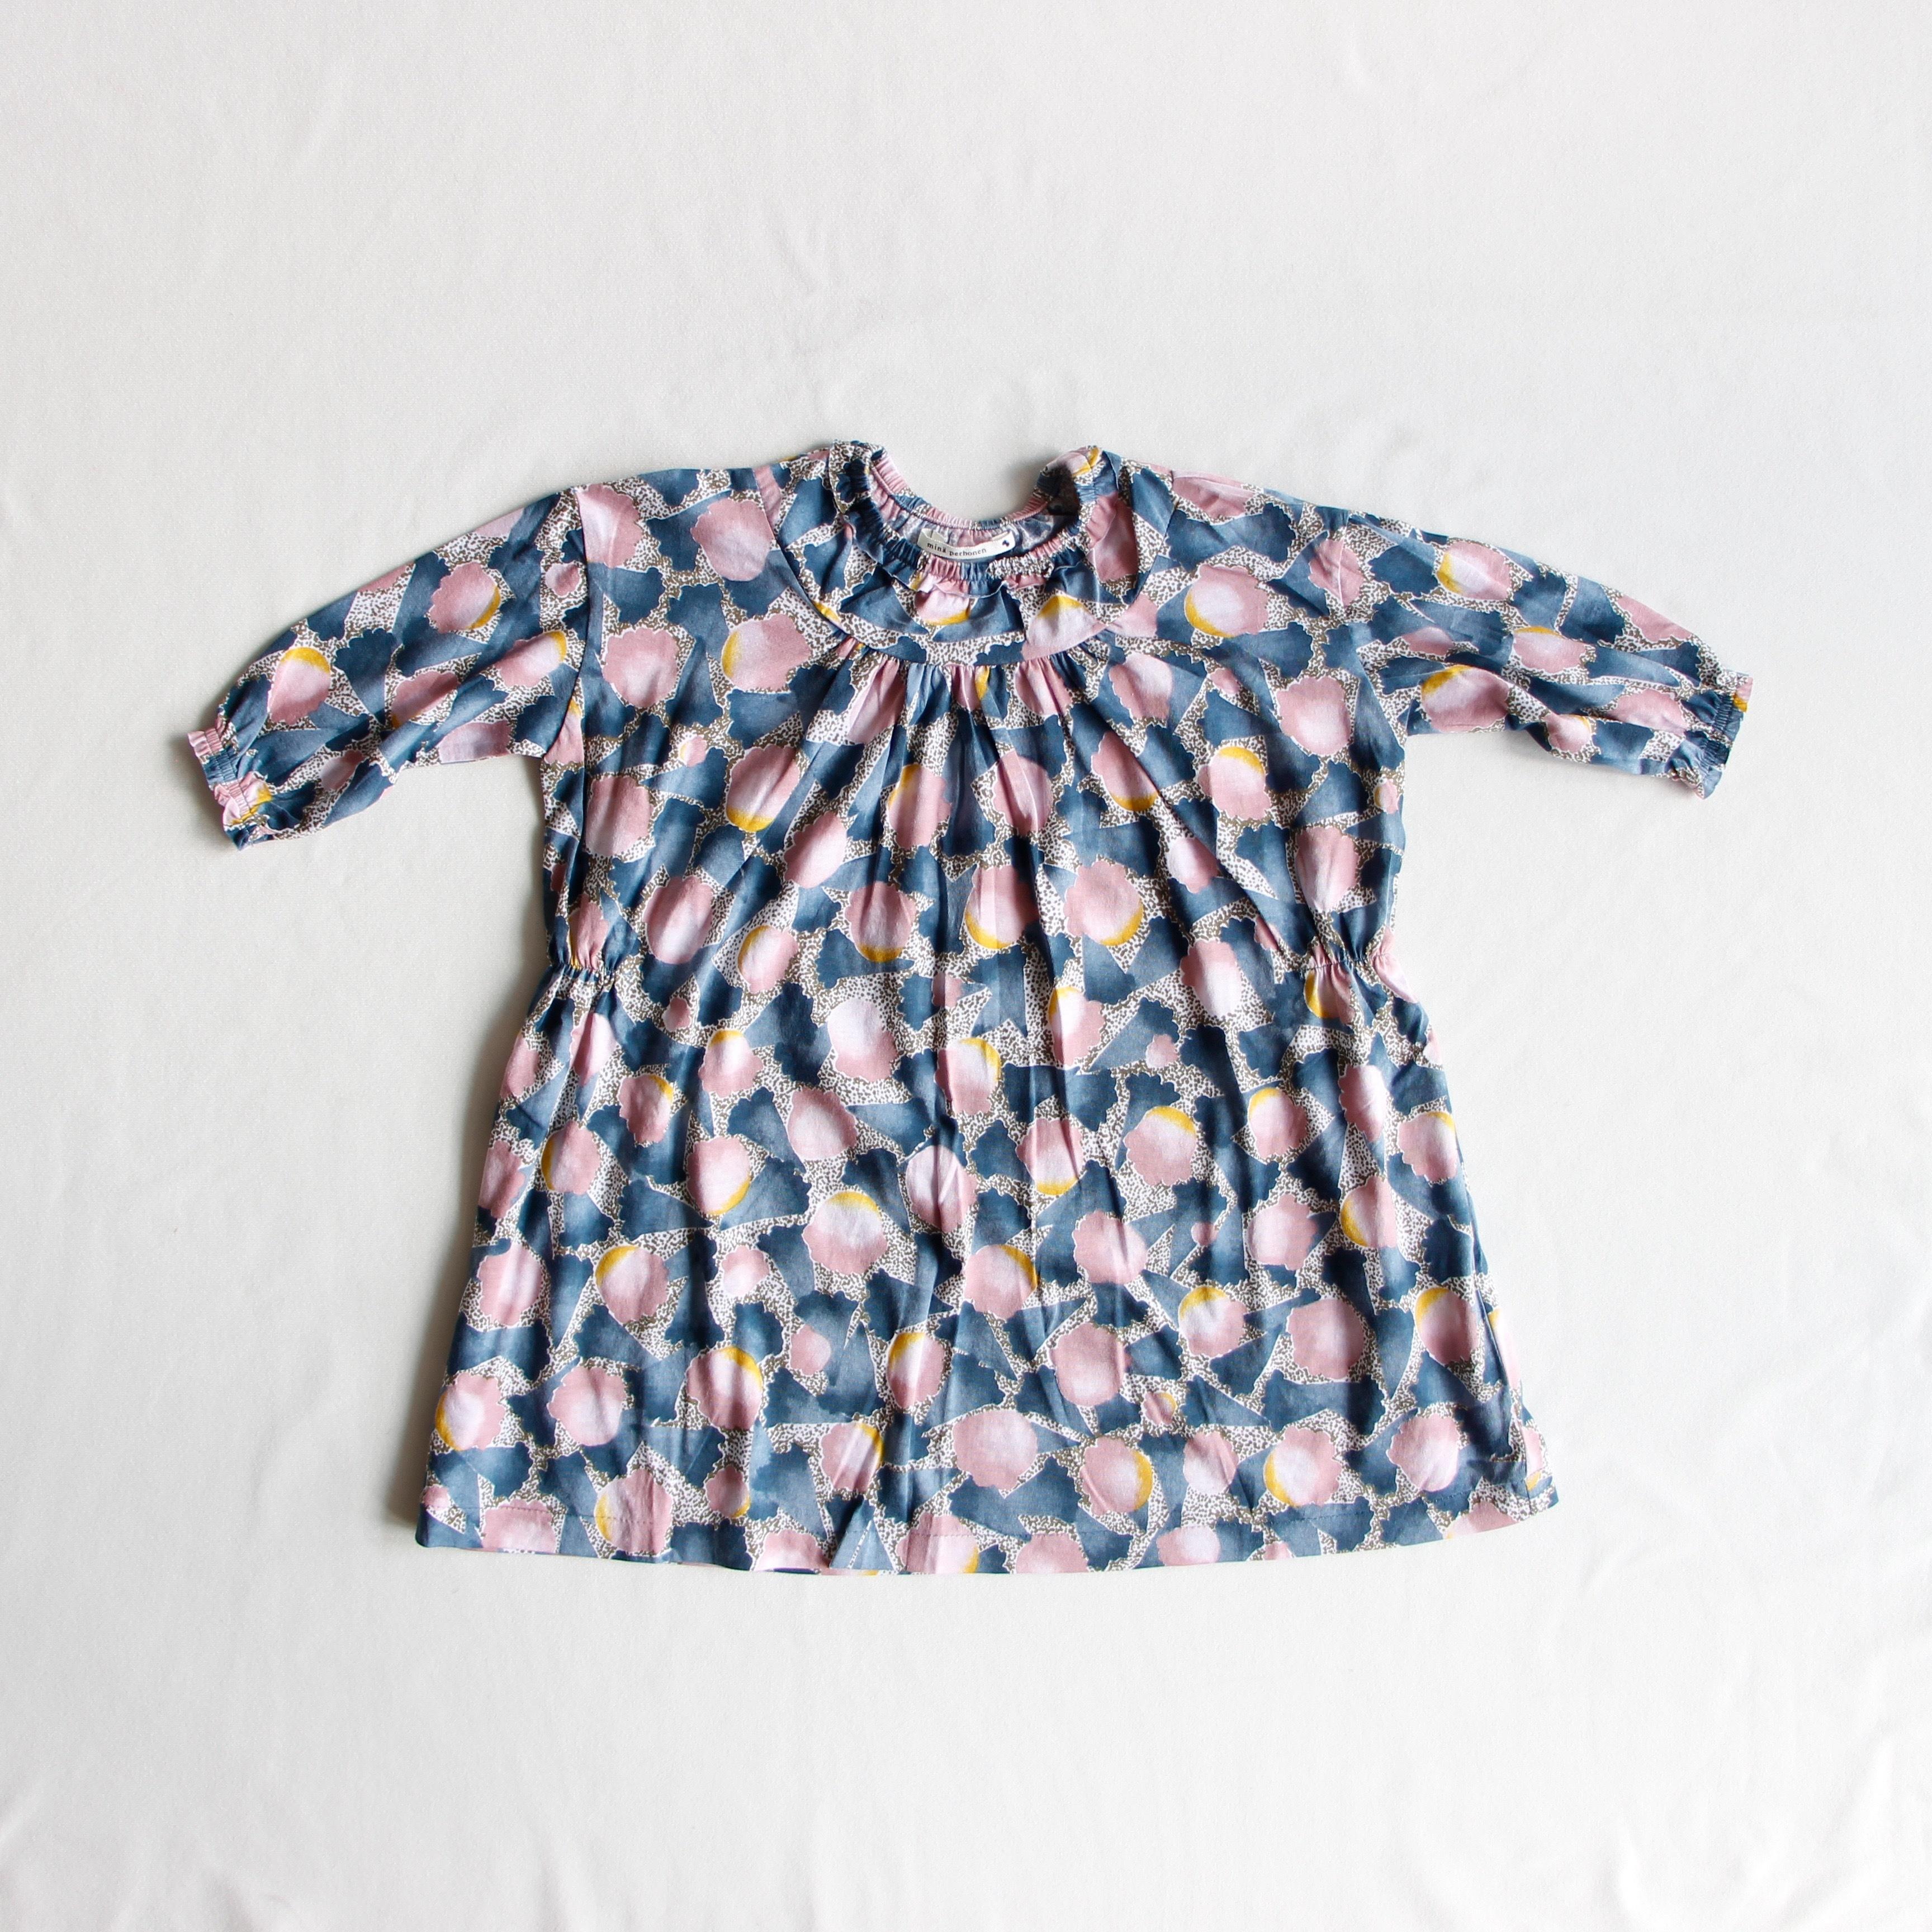 《mina perhonen 2018AW》Ariel ワンピース / pink / 80-100cm